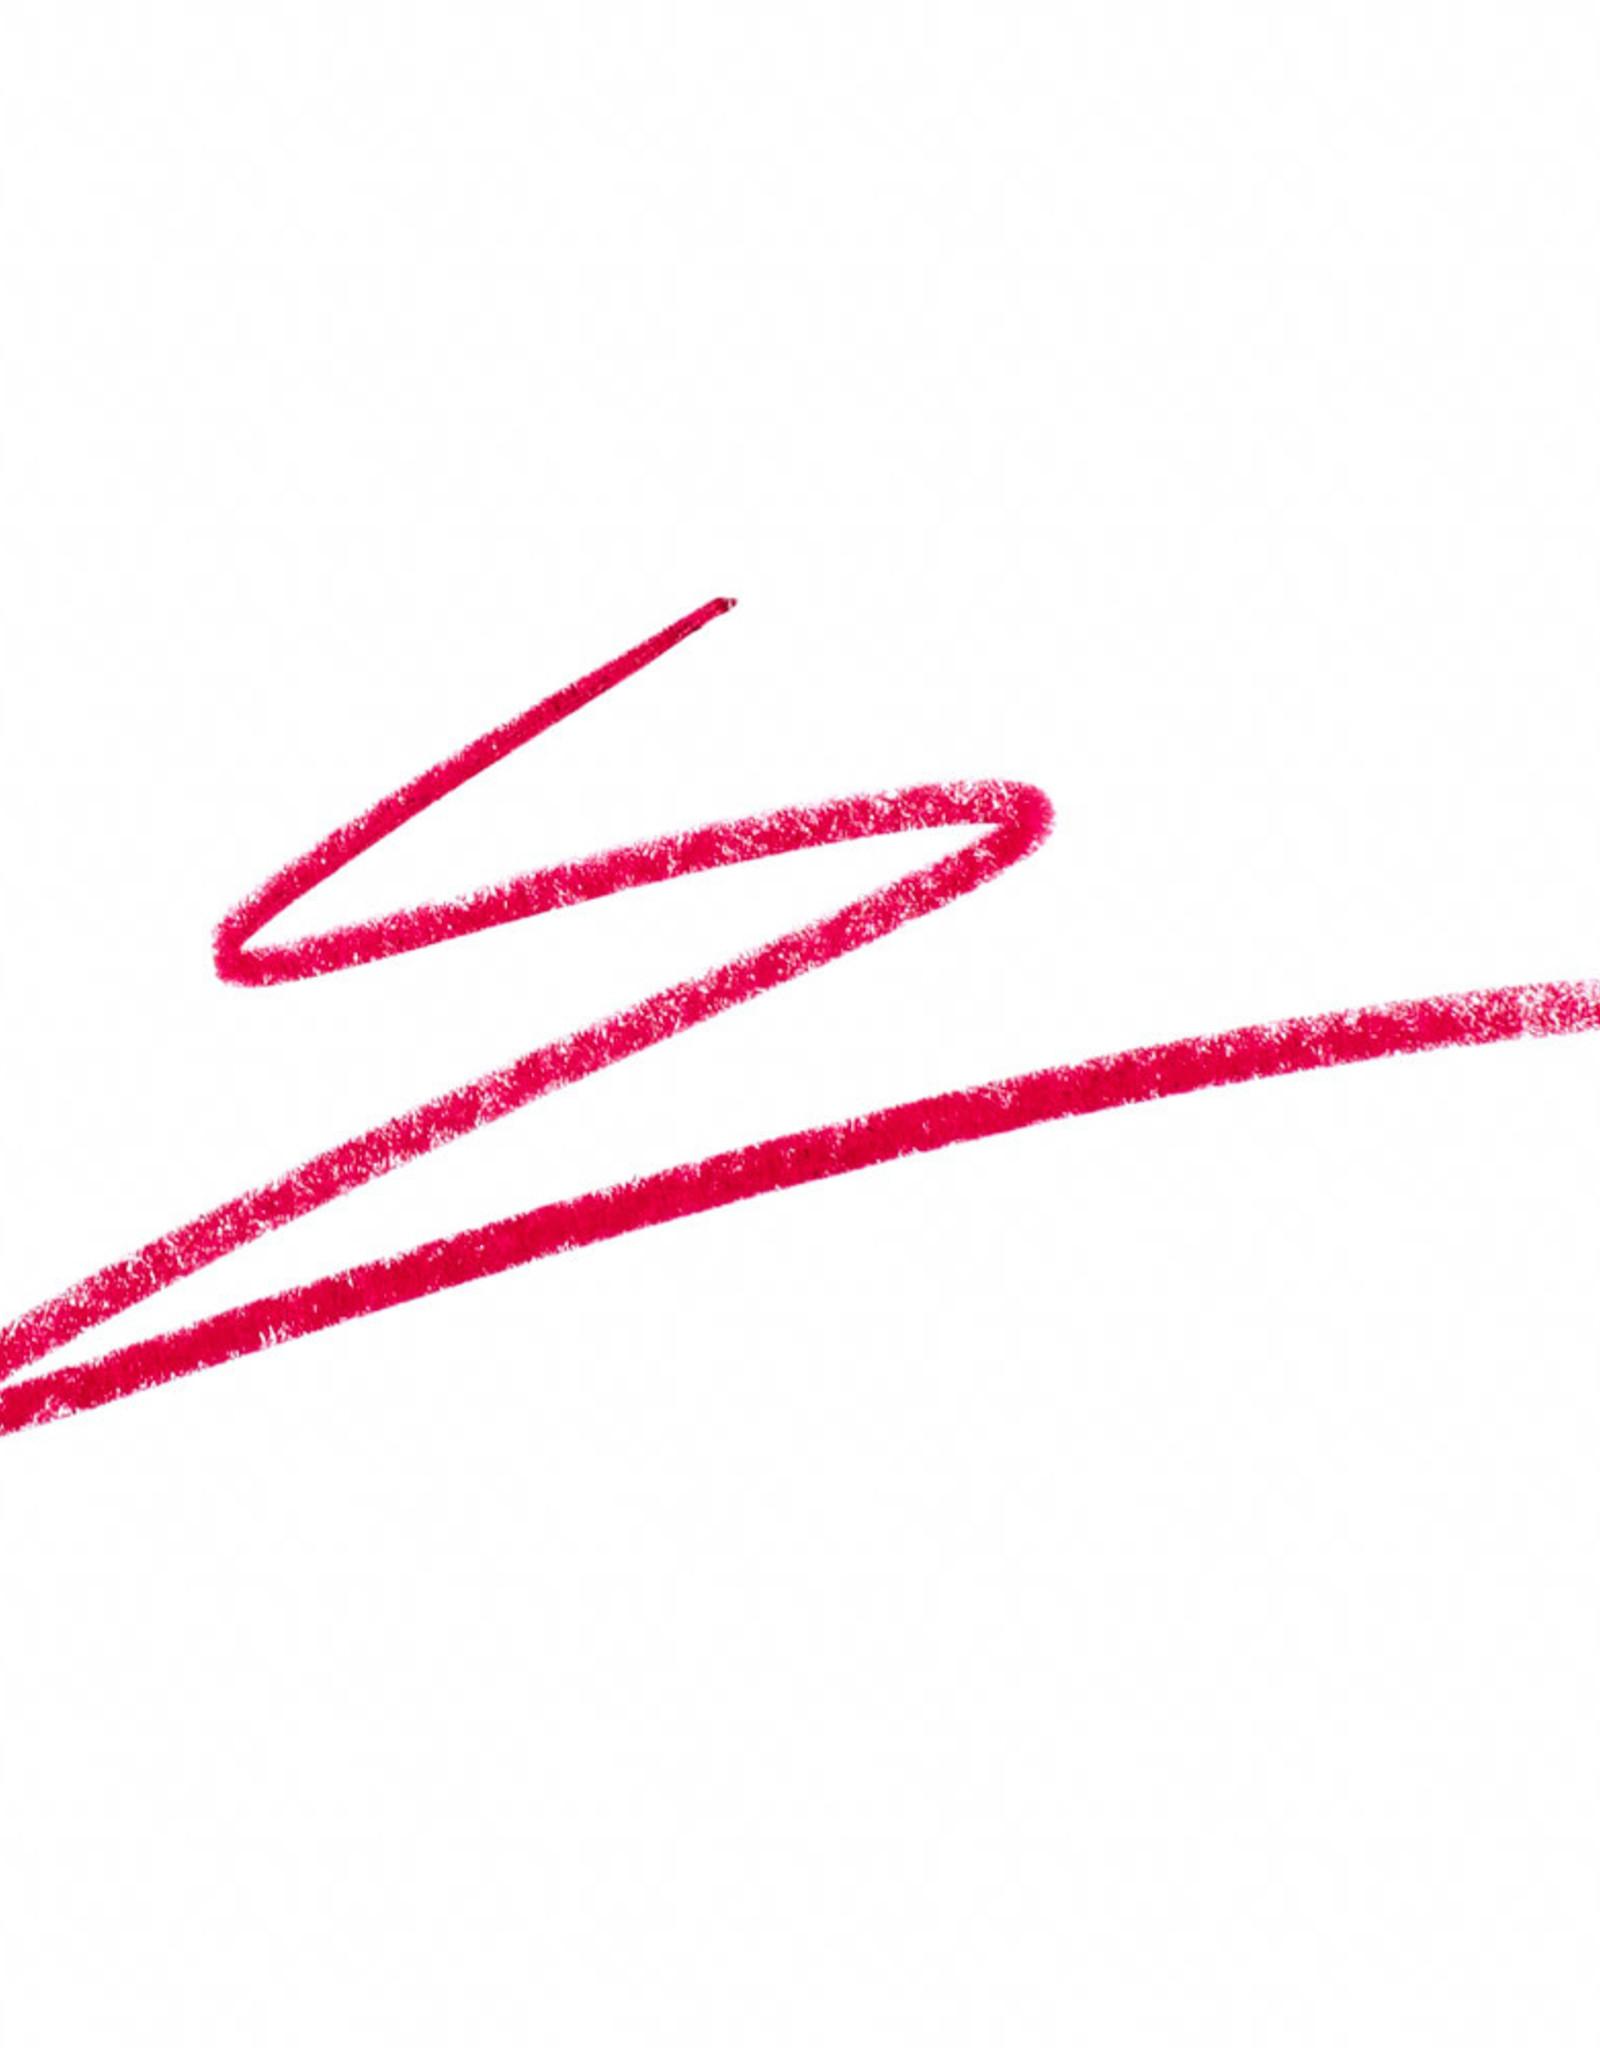 Ben Nye LIP PENCIL-CLASSIC, SCARLET, .05 OZ